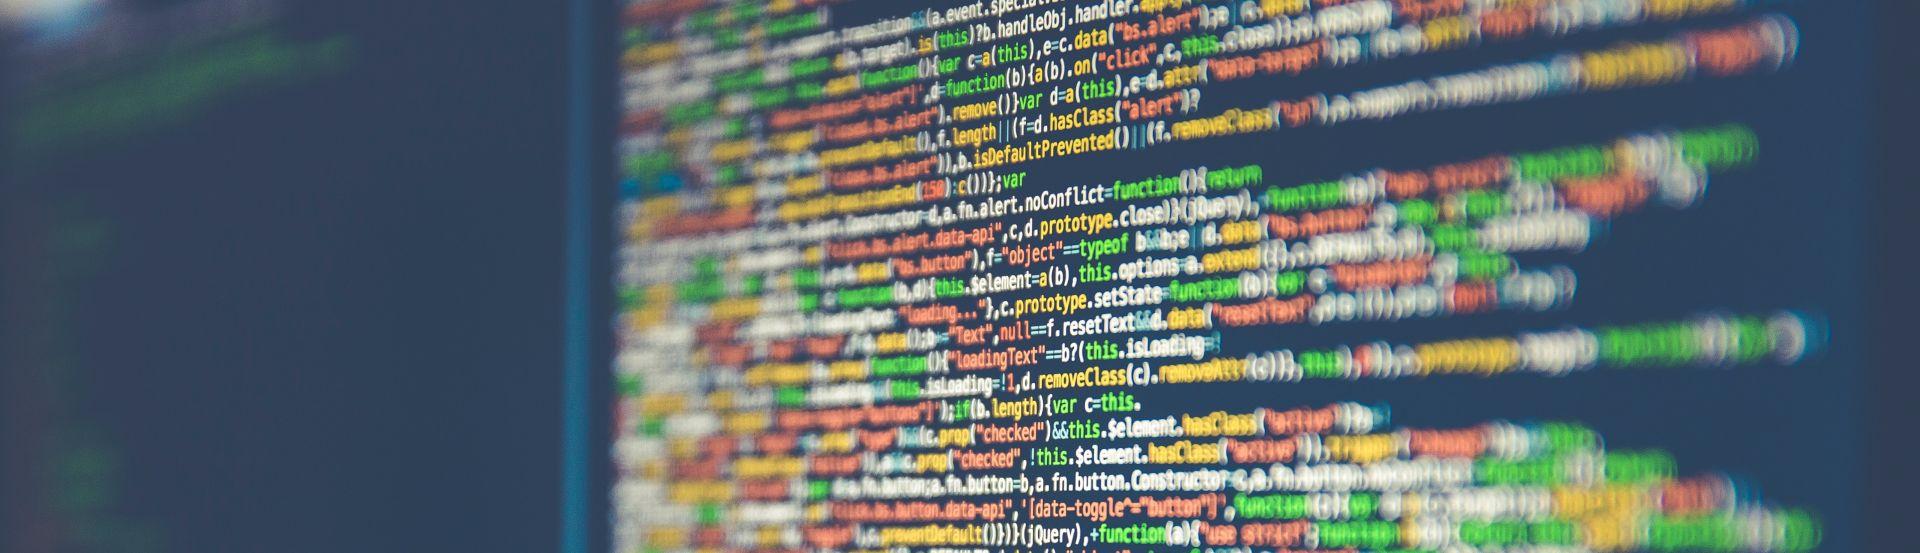 Outsourcing IT czy jest potrzebny usługa informatyczna dla średnich firm? post thumbnail image